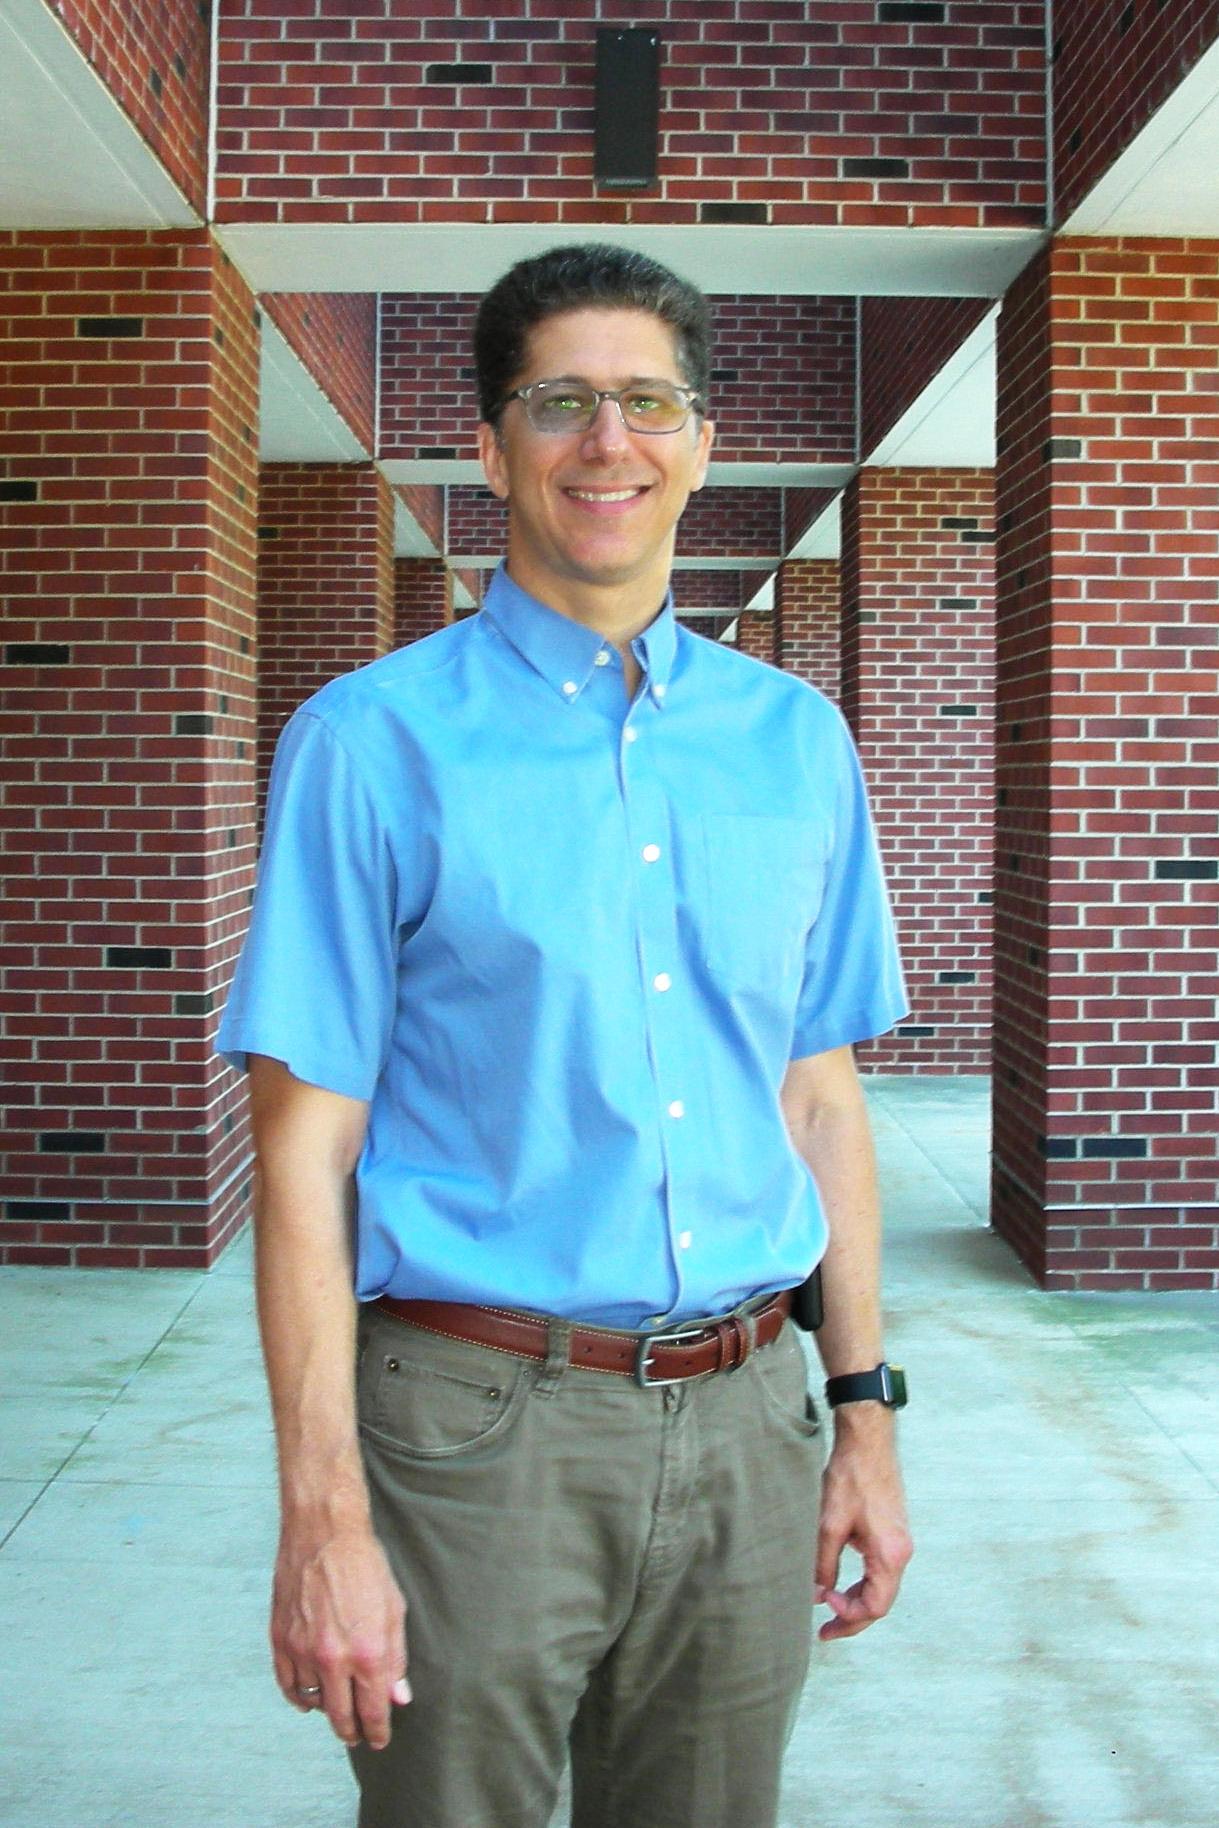 Jason Barker, MD